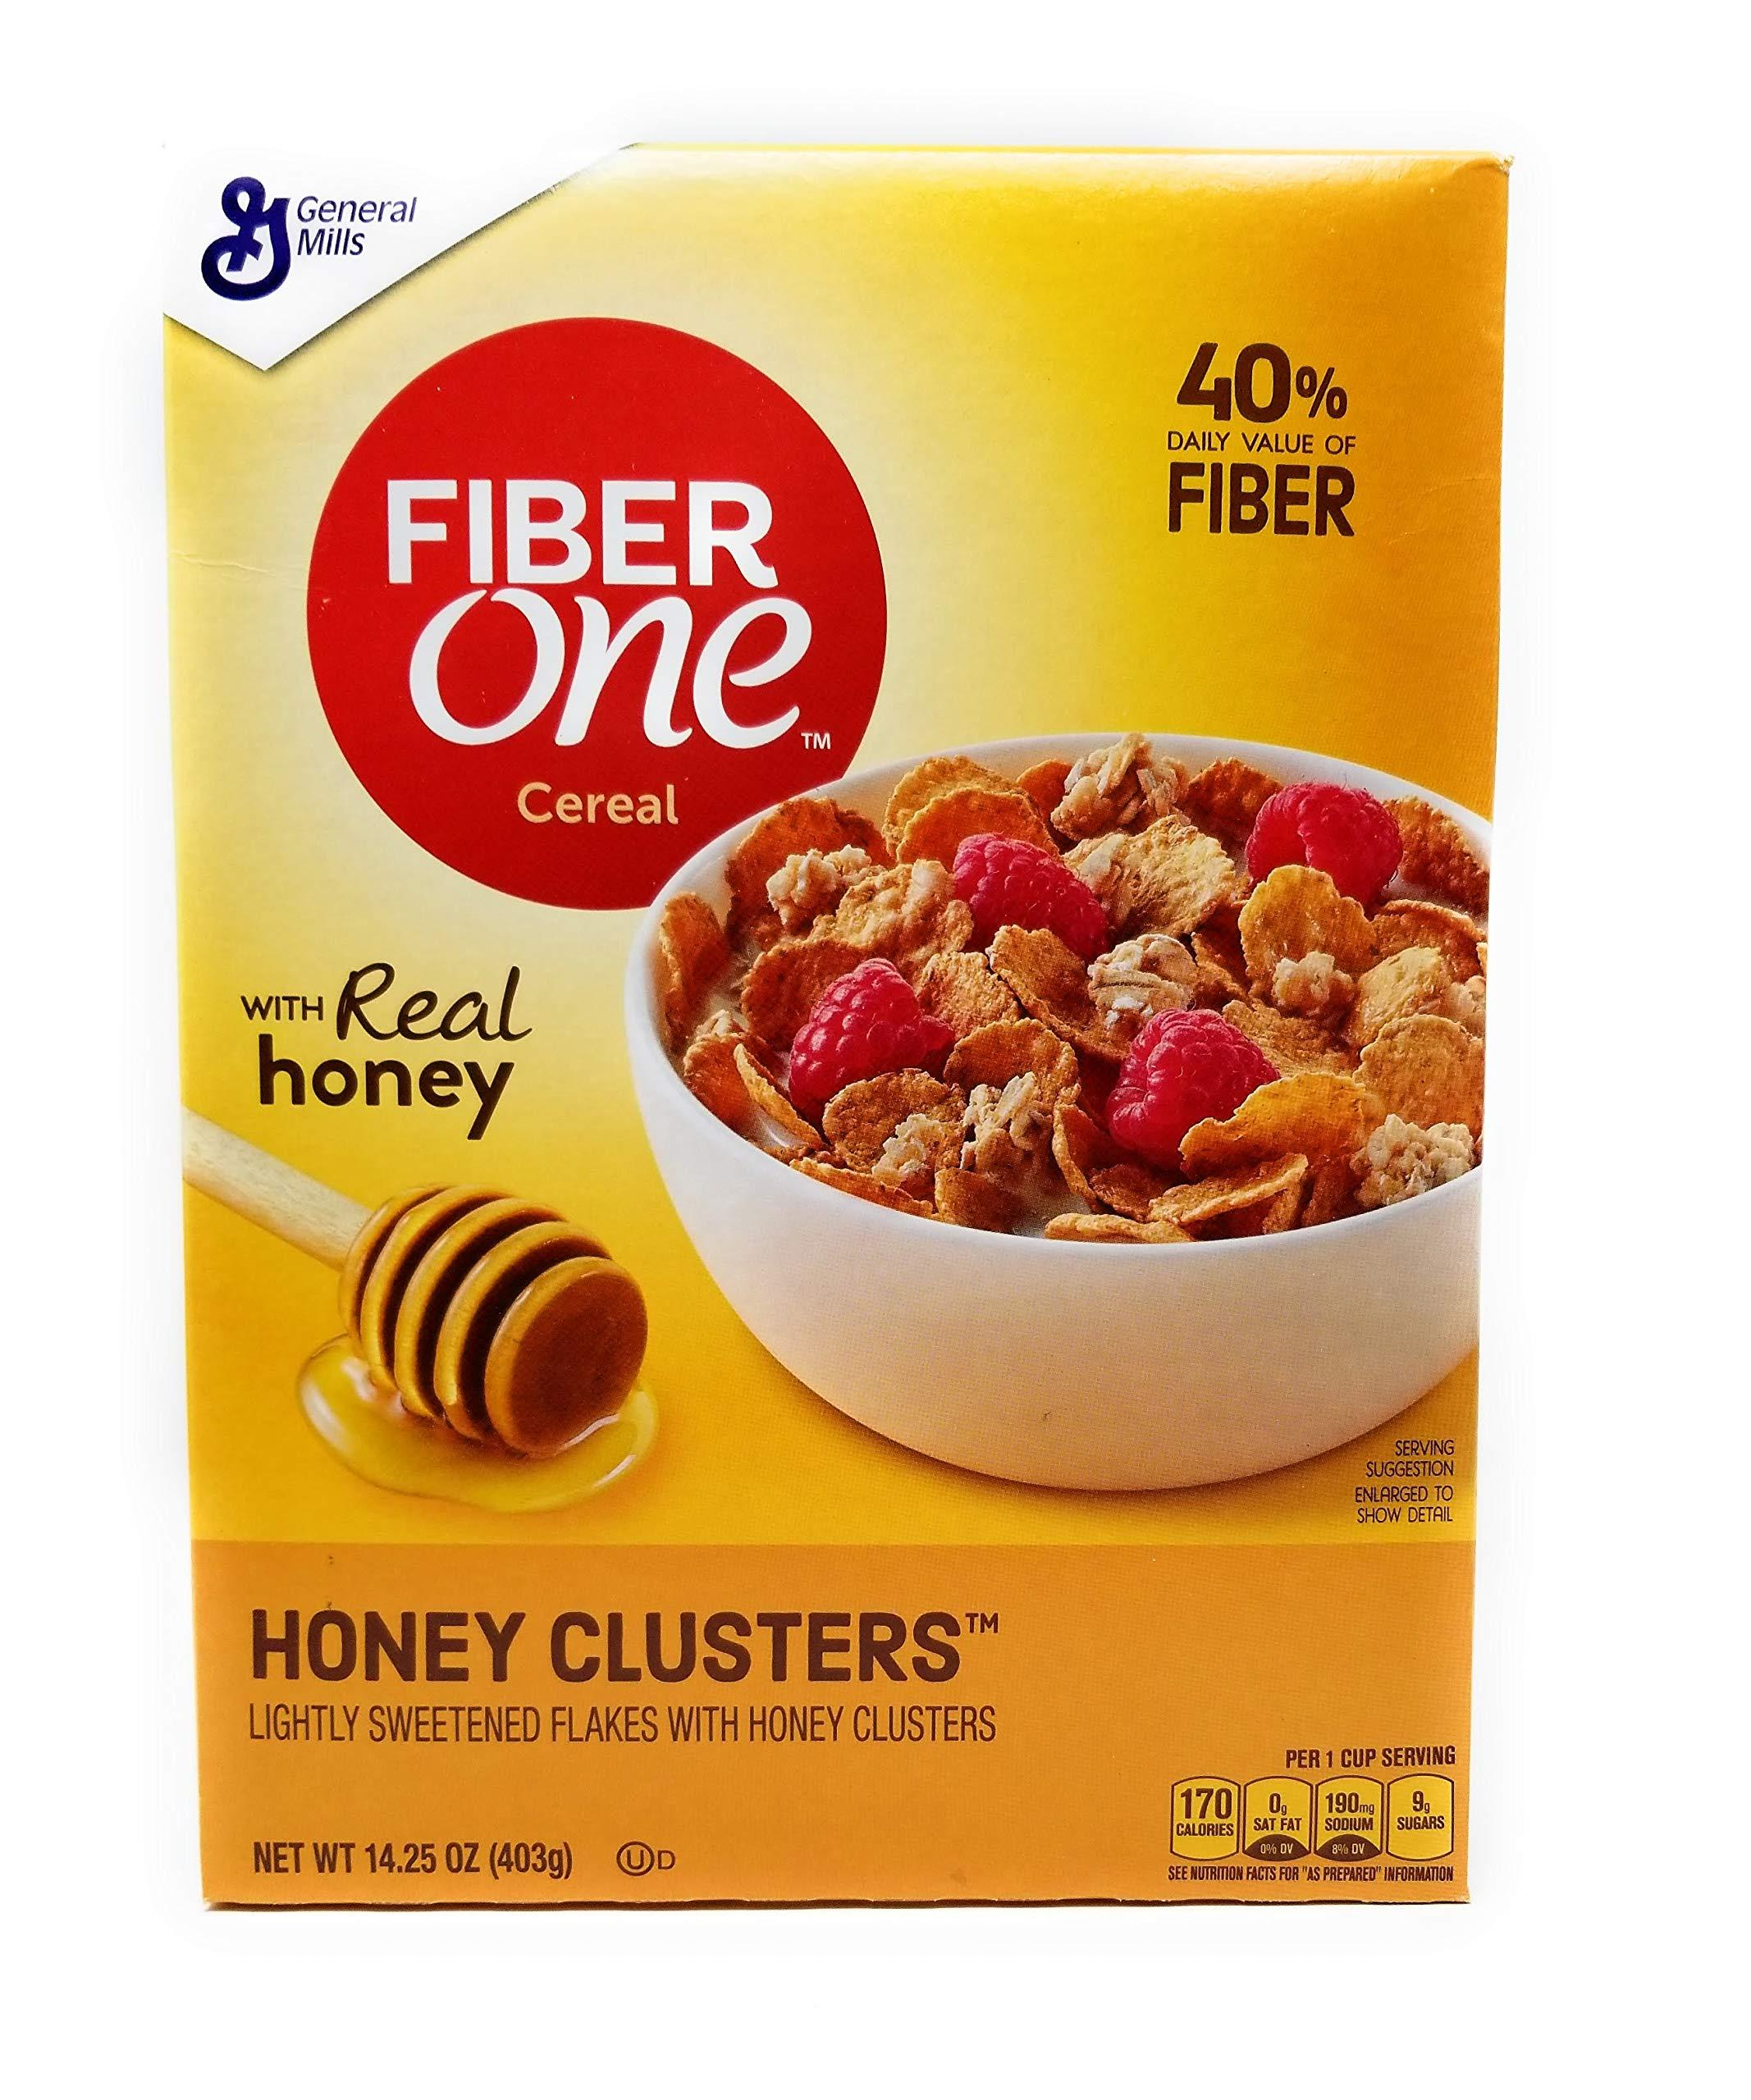 Amazon.com: Fiber One Cereal, Bran, Original, 16.2 Oz